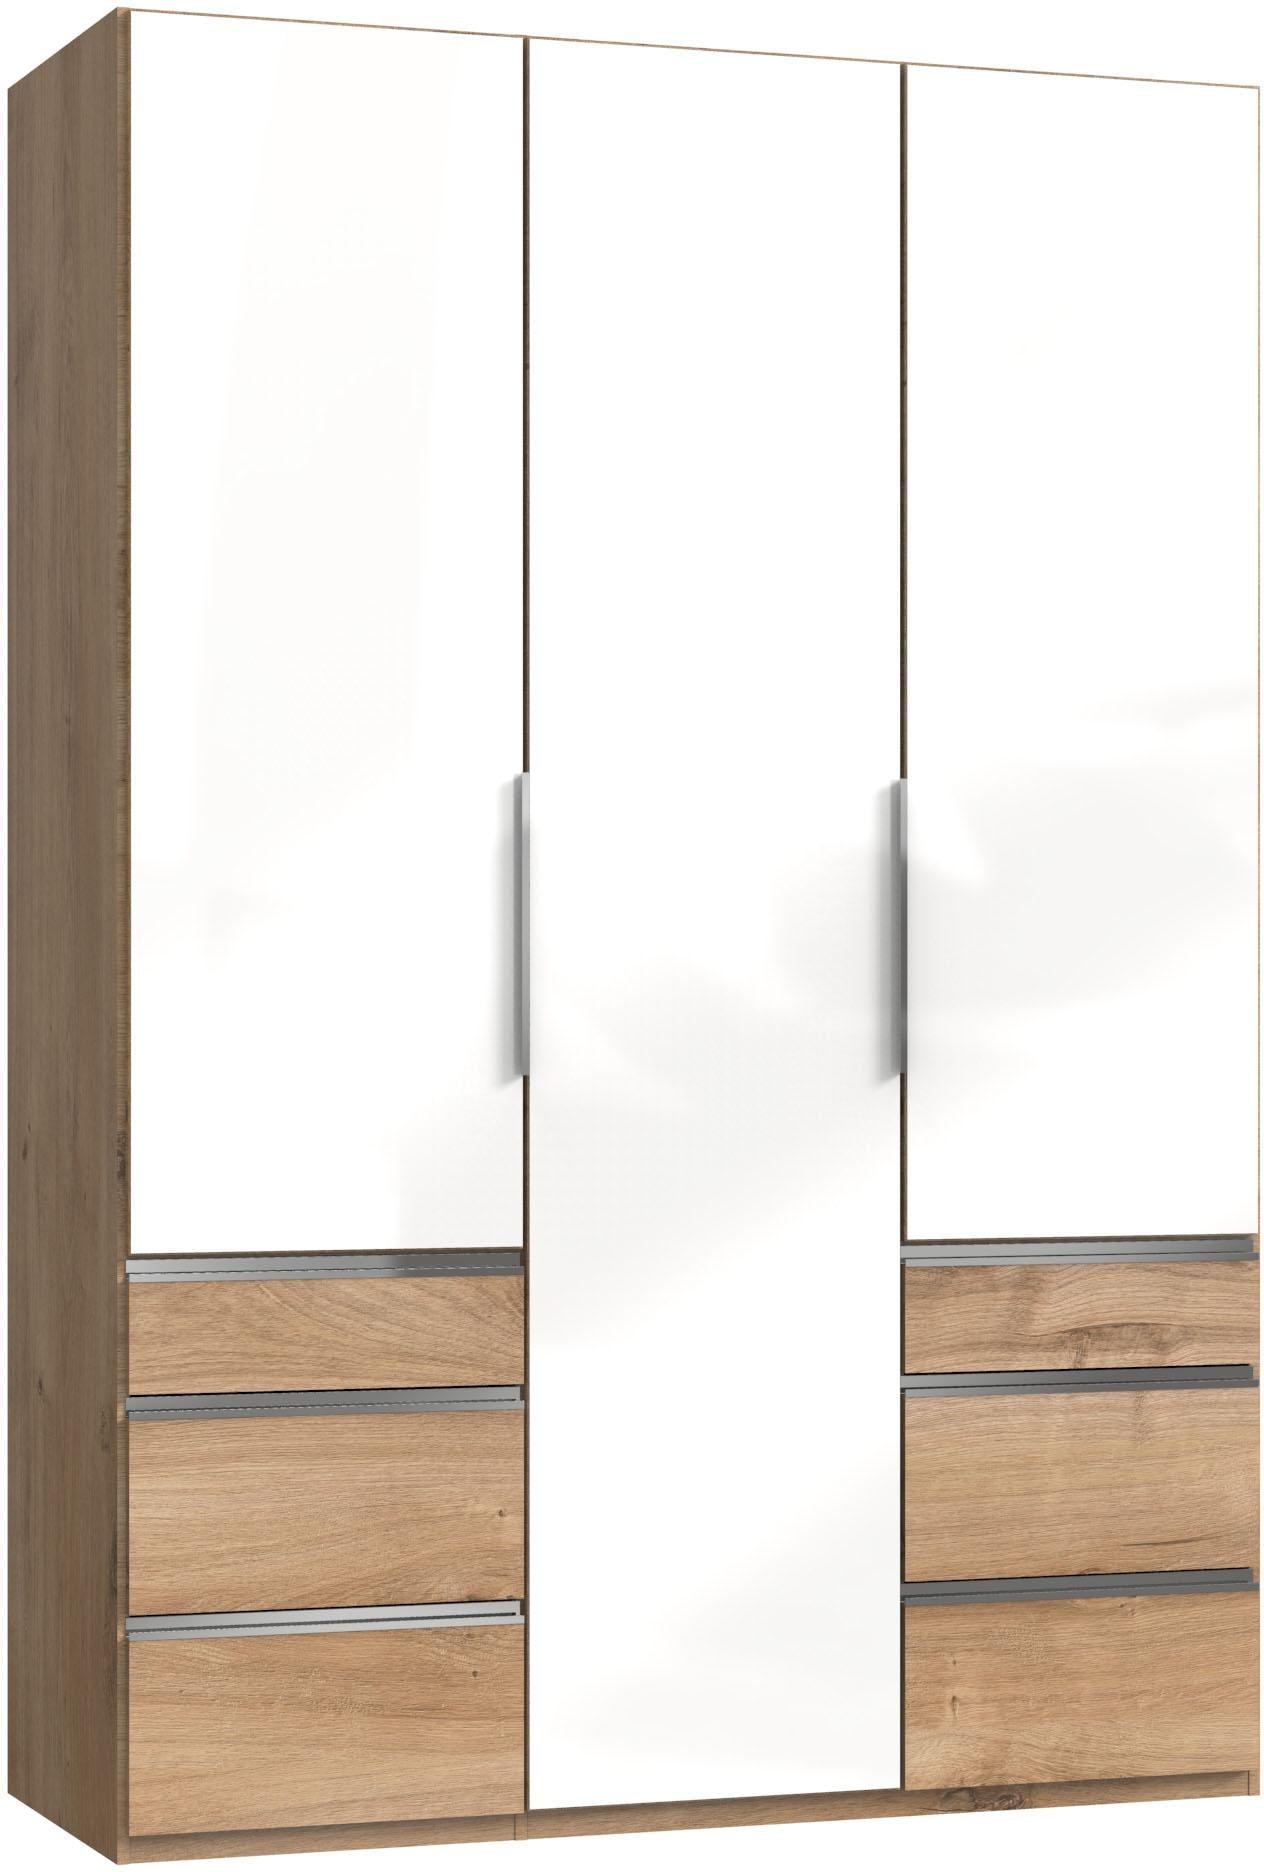 Fresh To Go Kleiderschrank »Level«, mit Glastüren | Schlafzimmer > Kleiderschränke > Drehtürenschränke | Leinen | FRESH TO GO